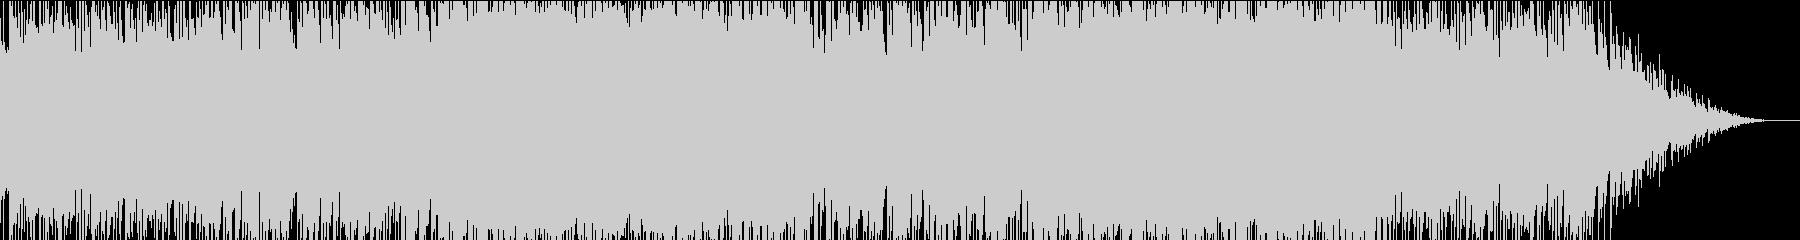 まったりとした日常系BGMの未再生の波形